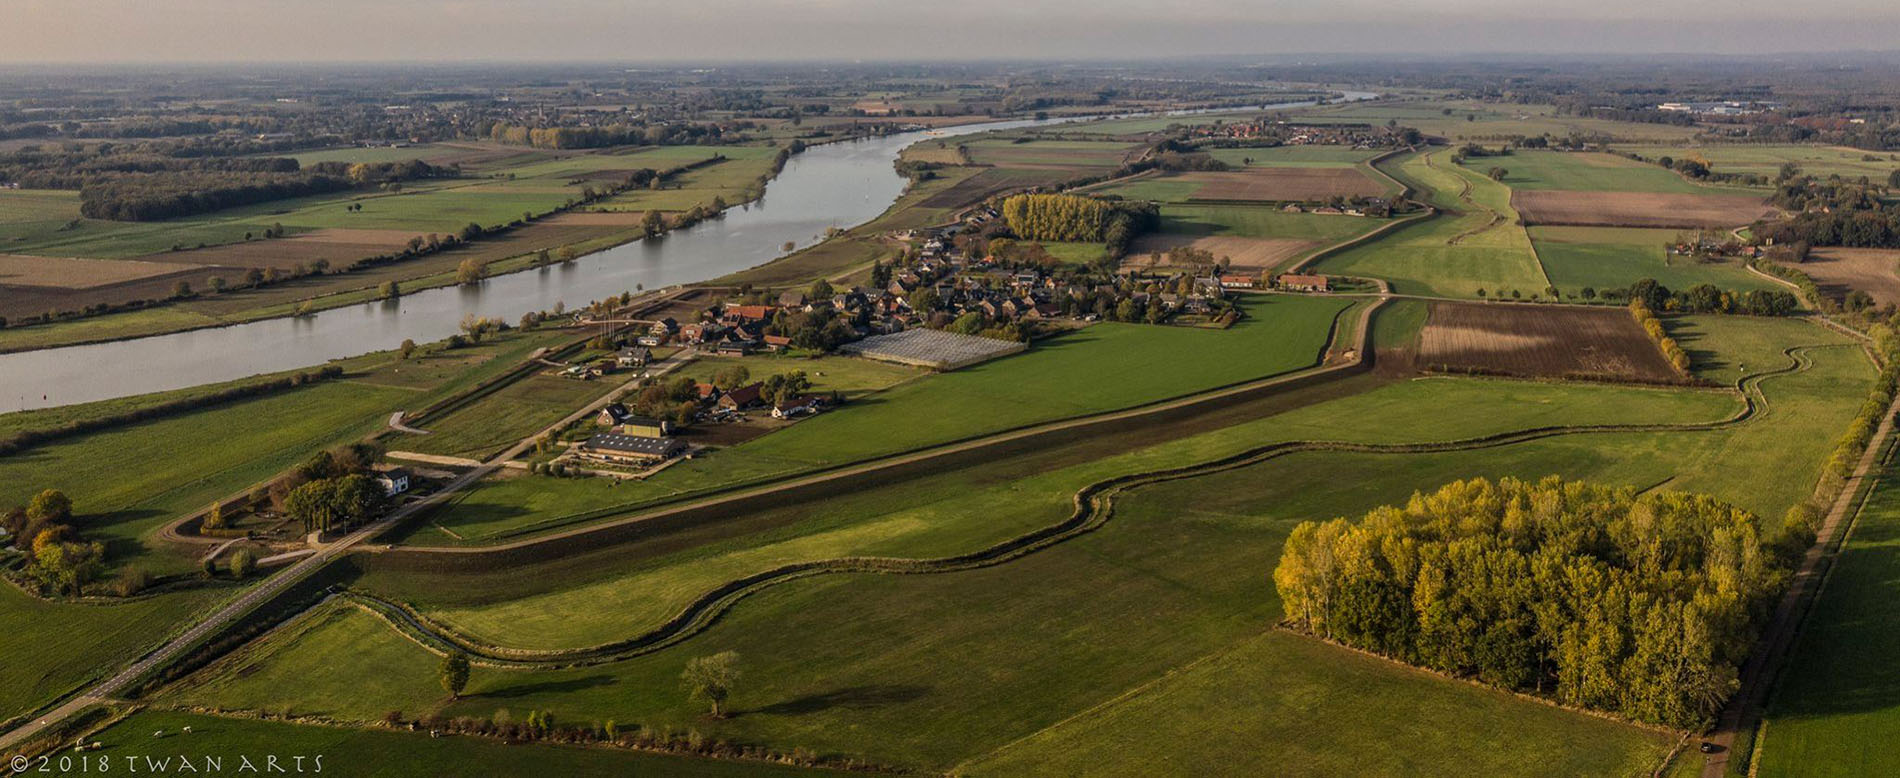 """Het dorpje Aijen is gelegen op een rivierduin langs de Maas. Het kent een eeuwenoude geschiedenis, waarschijnlijk van meer dan 1500 jaar. Het dorp en haar bijbehorende """"buurtschappen"""" vormen een hechte gemeenschap van nu 350 inwoners. In vroegere tijden werd de broodwinning in dit landelijke dorp voornamelijk verkregen uit boerenbedrijfjes, klompenmakers, mandenmakers, een bakkerij, een hoefsmid en veel cafeetjes. Sindsdien is er veel veranderd."""